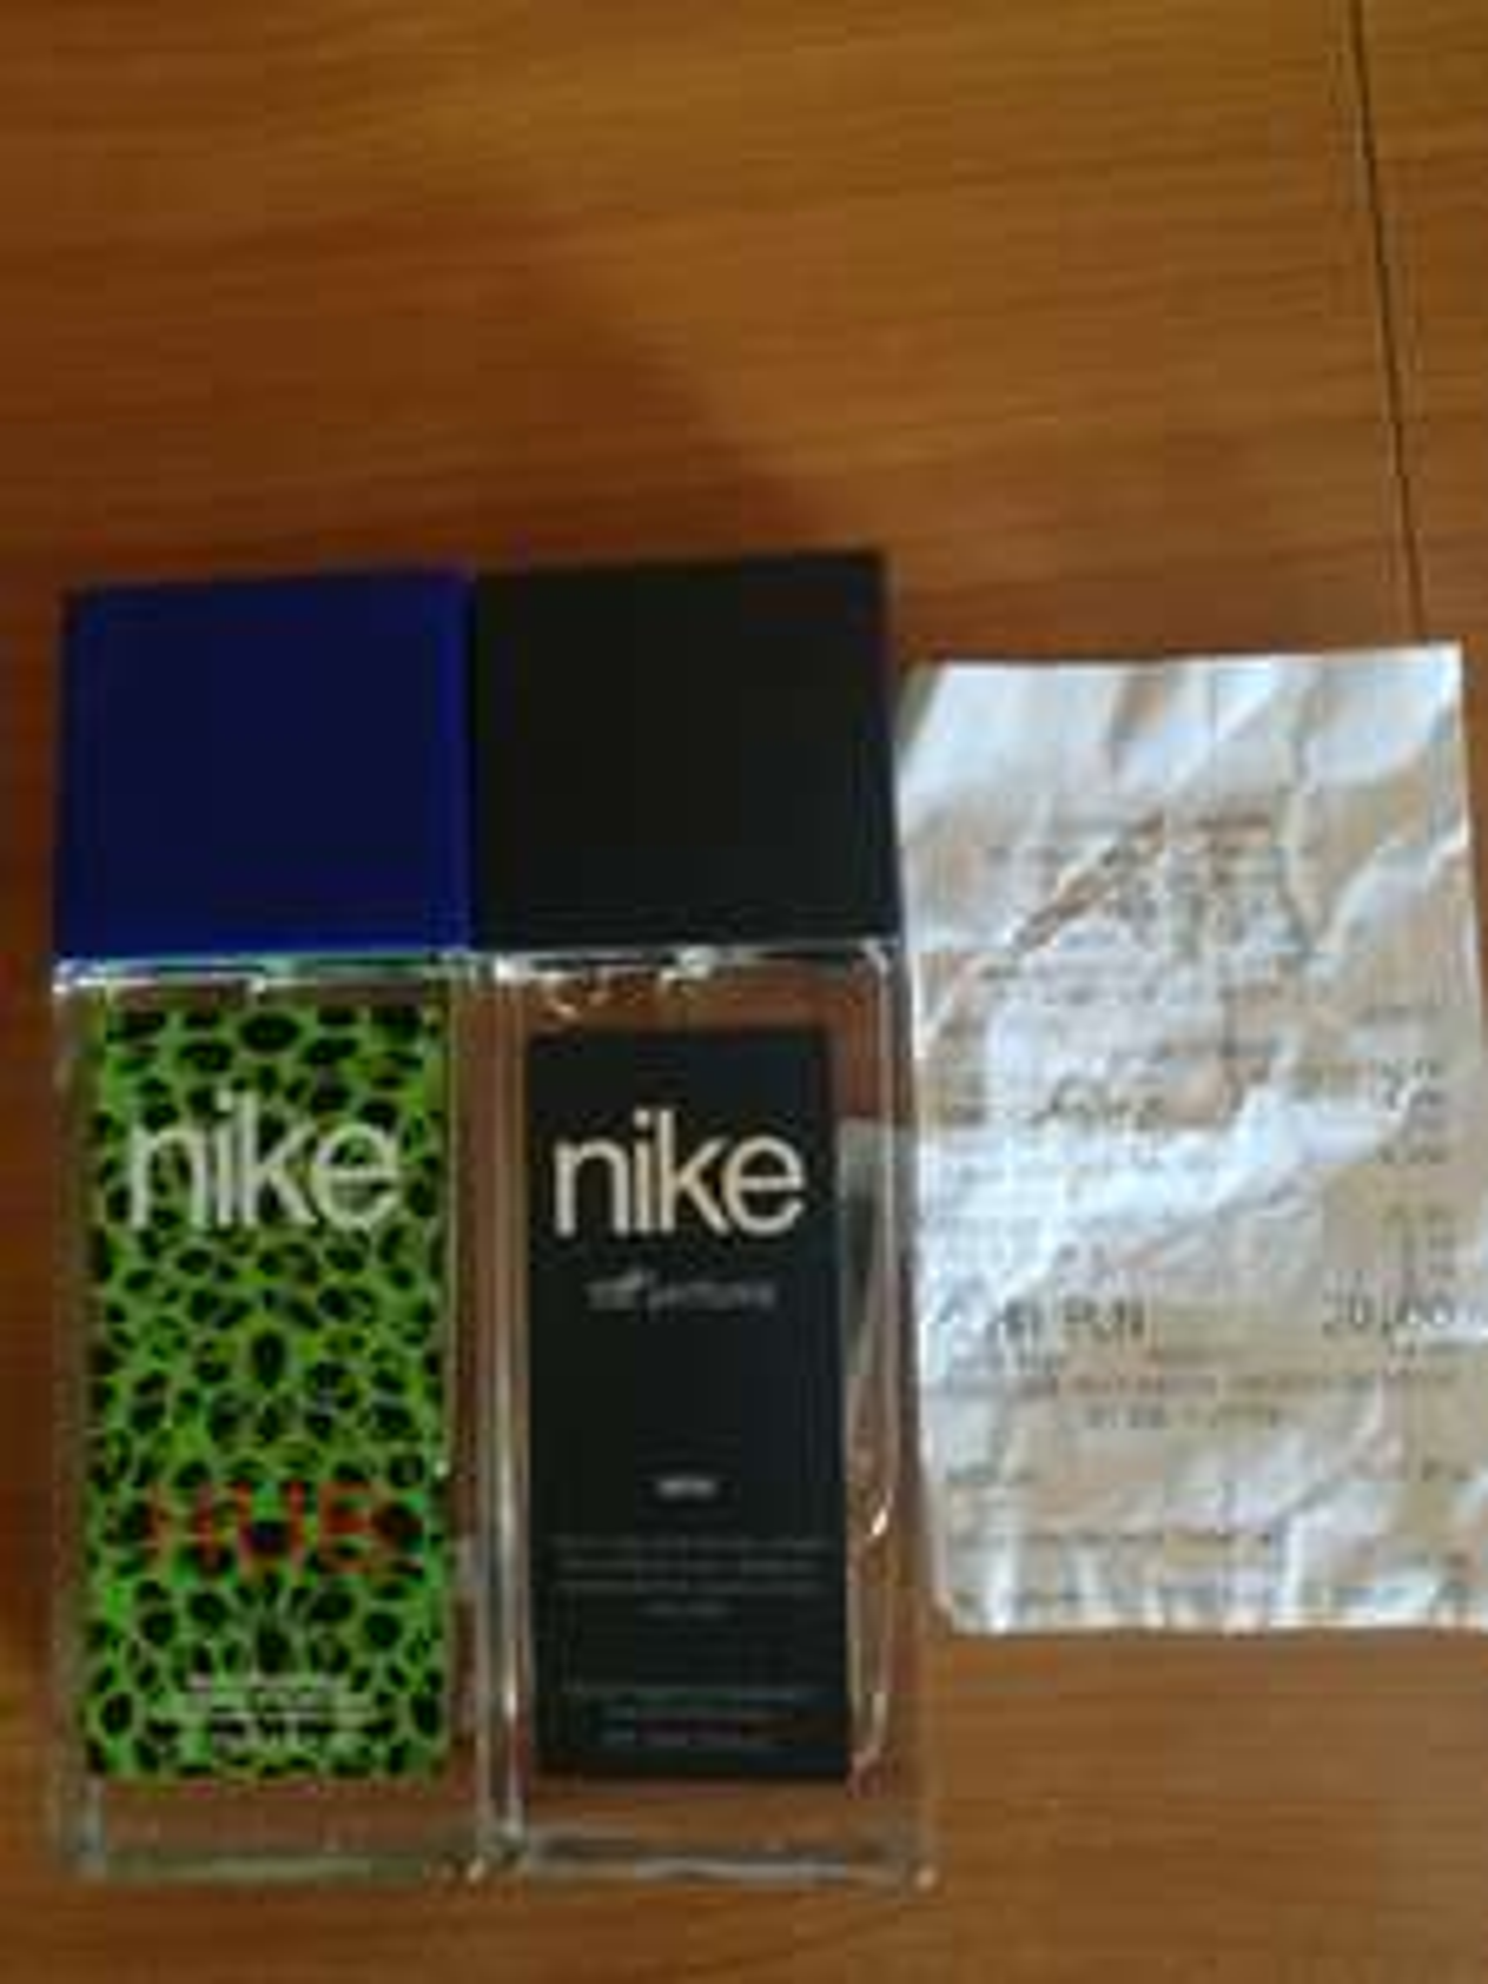 Dezodorant perfumowany Nike, 1 sztuka+ druga za 1 grosz Auchan ogólnopolska